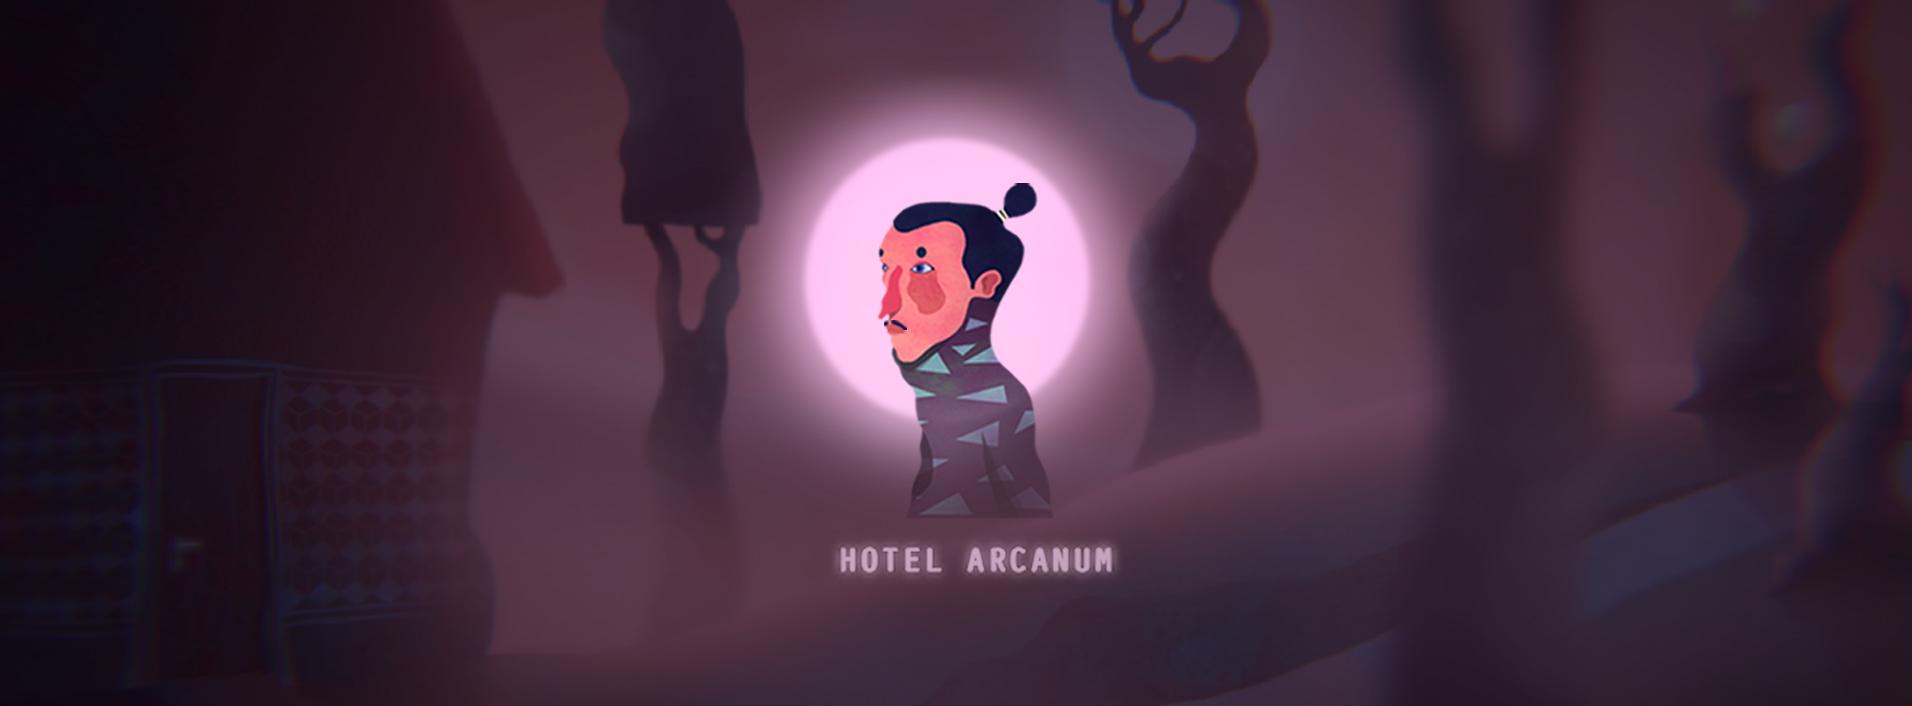 Hotel Arcanum